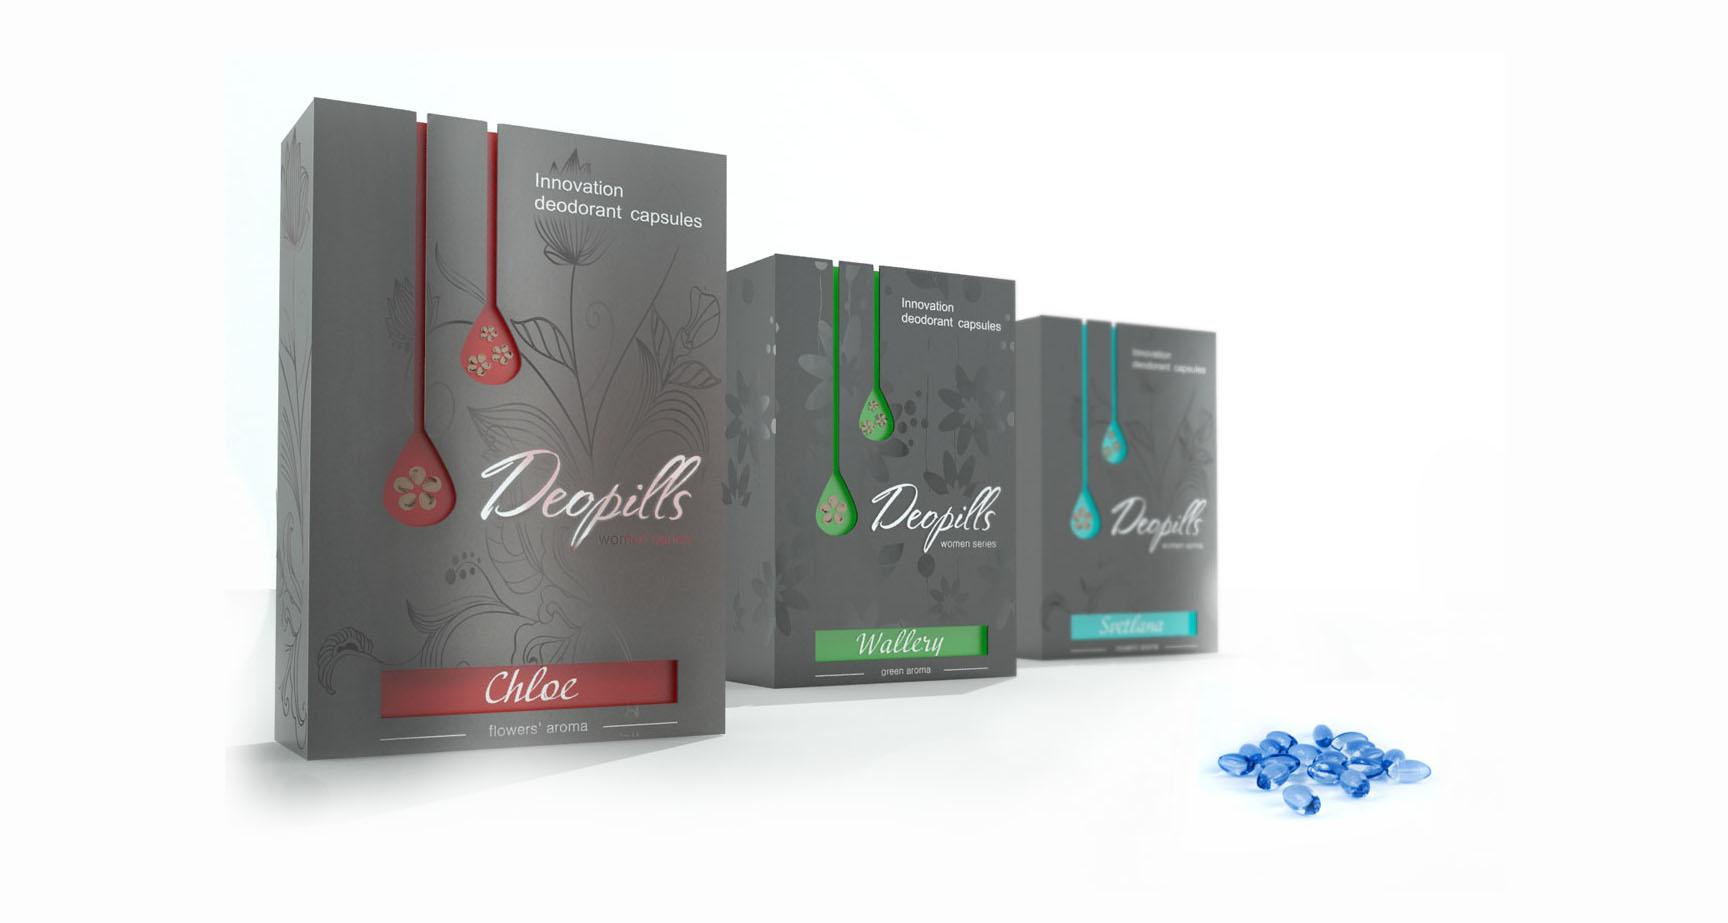 разработка дизайна упаковки витаминов швечков станислав